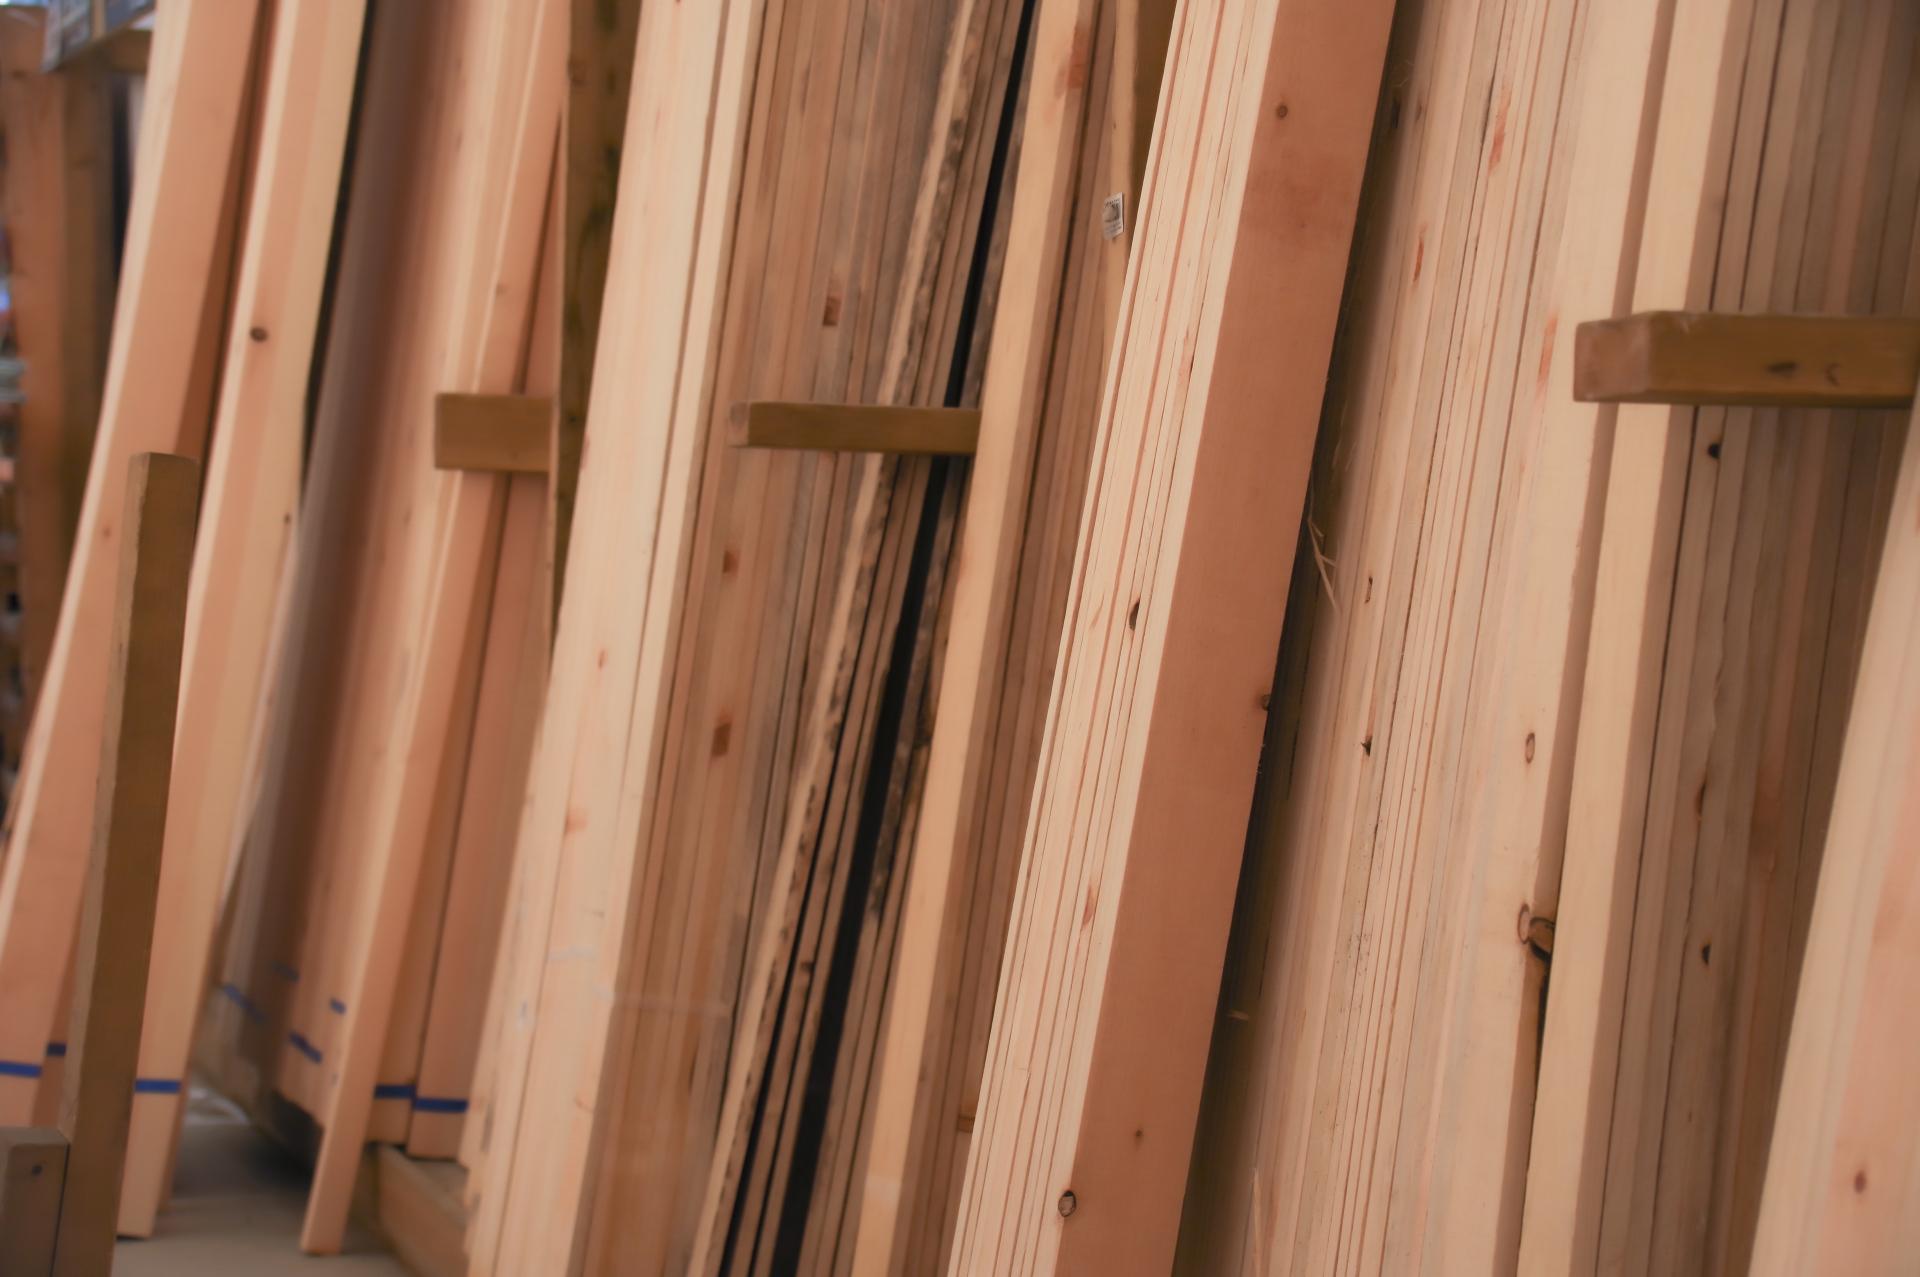 【米国】暴落も依然高水準か 米材木先物価格